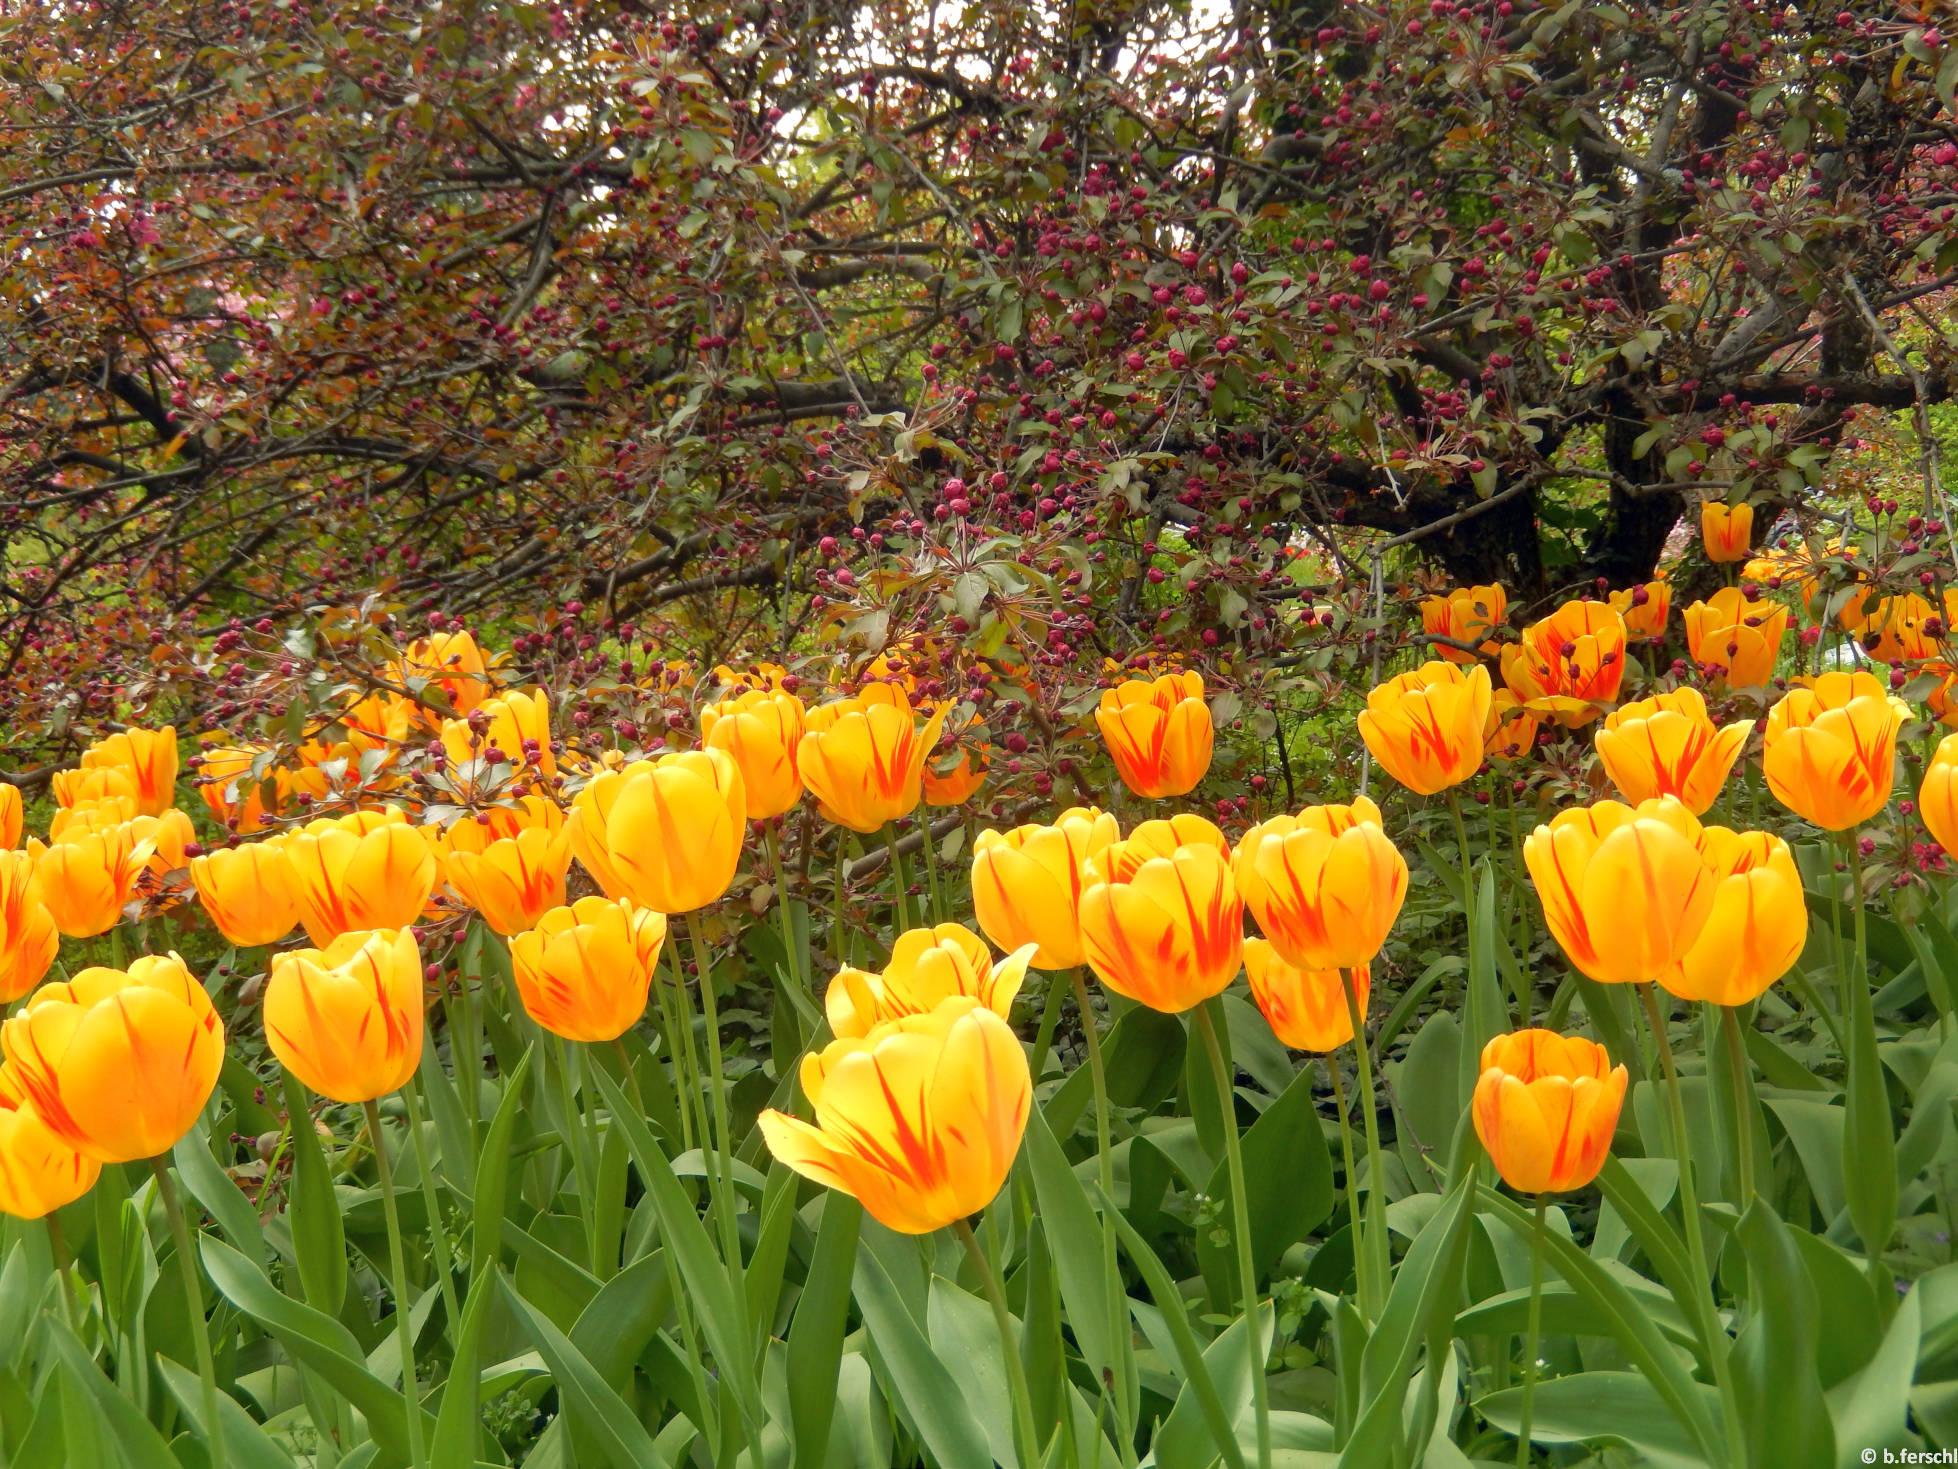 A K-épület hátsó bejáratánál a rózsaszín virágú díszalma még bimbós, de a cirmos, sárga tulipánok már teljes virágzásban állnak